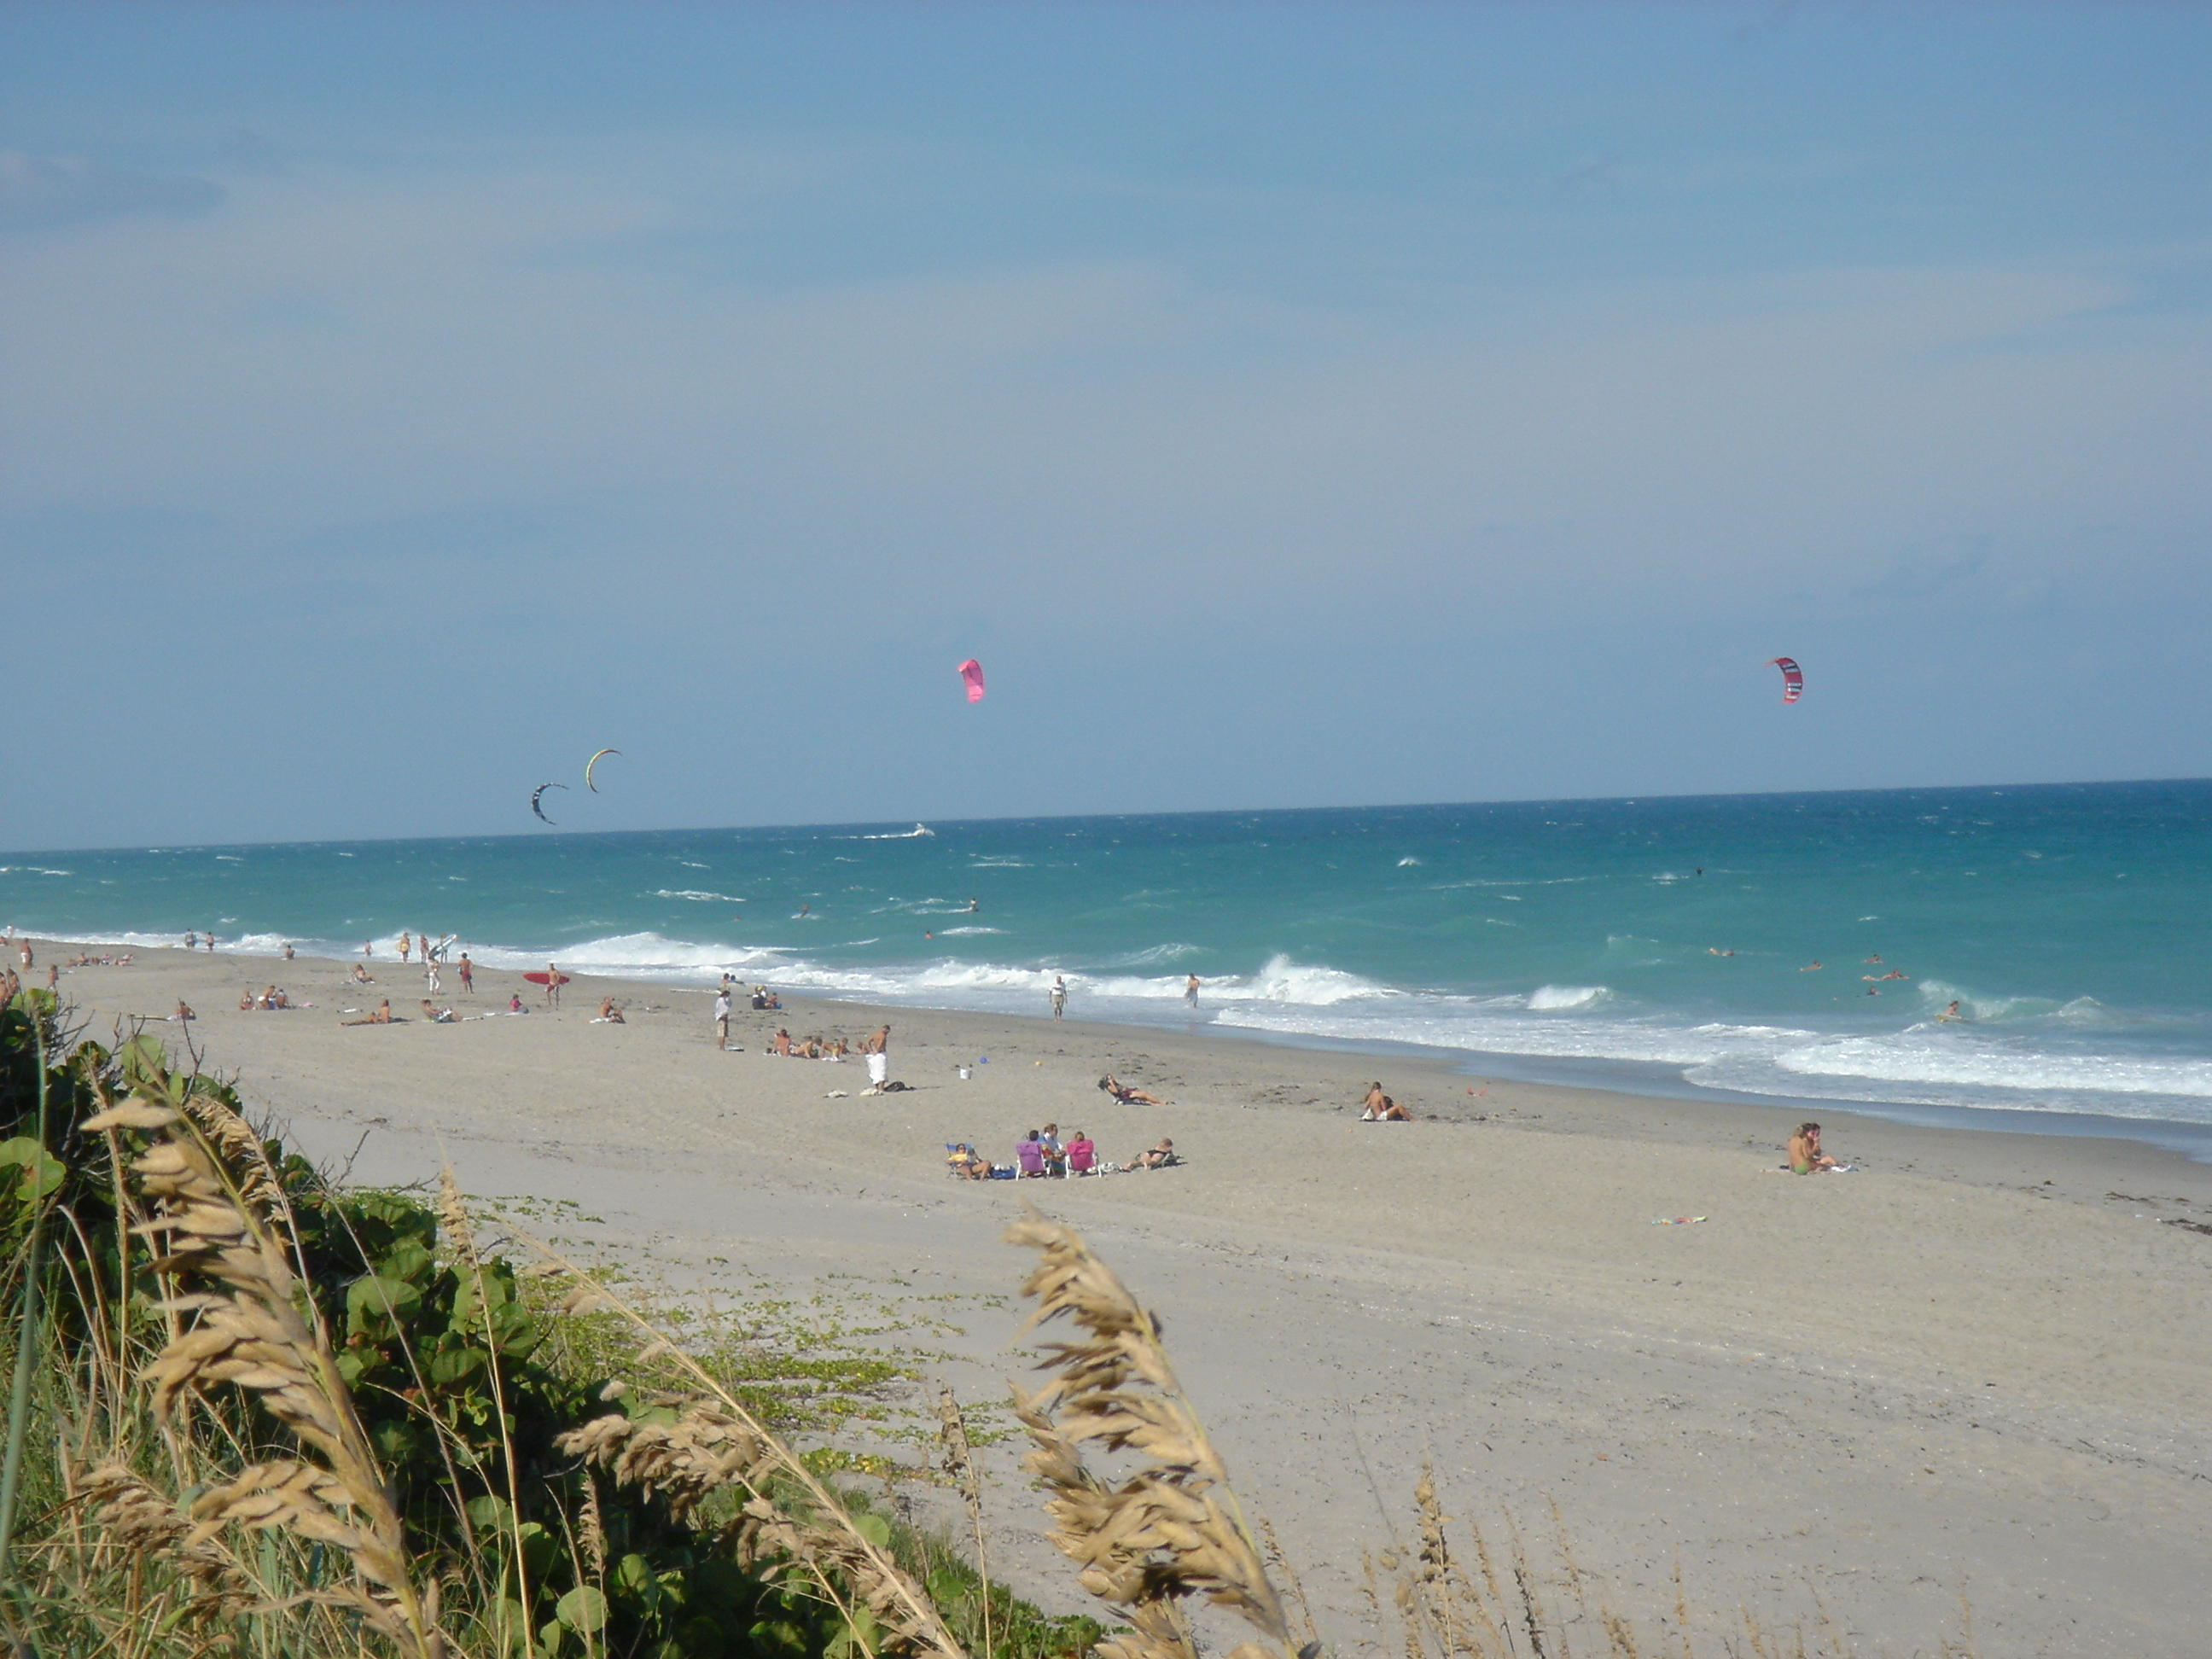 790 Juno Ocean Walk Unit 102c, Juno Beach, Florida 33408, image 15